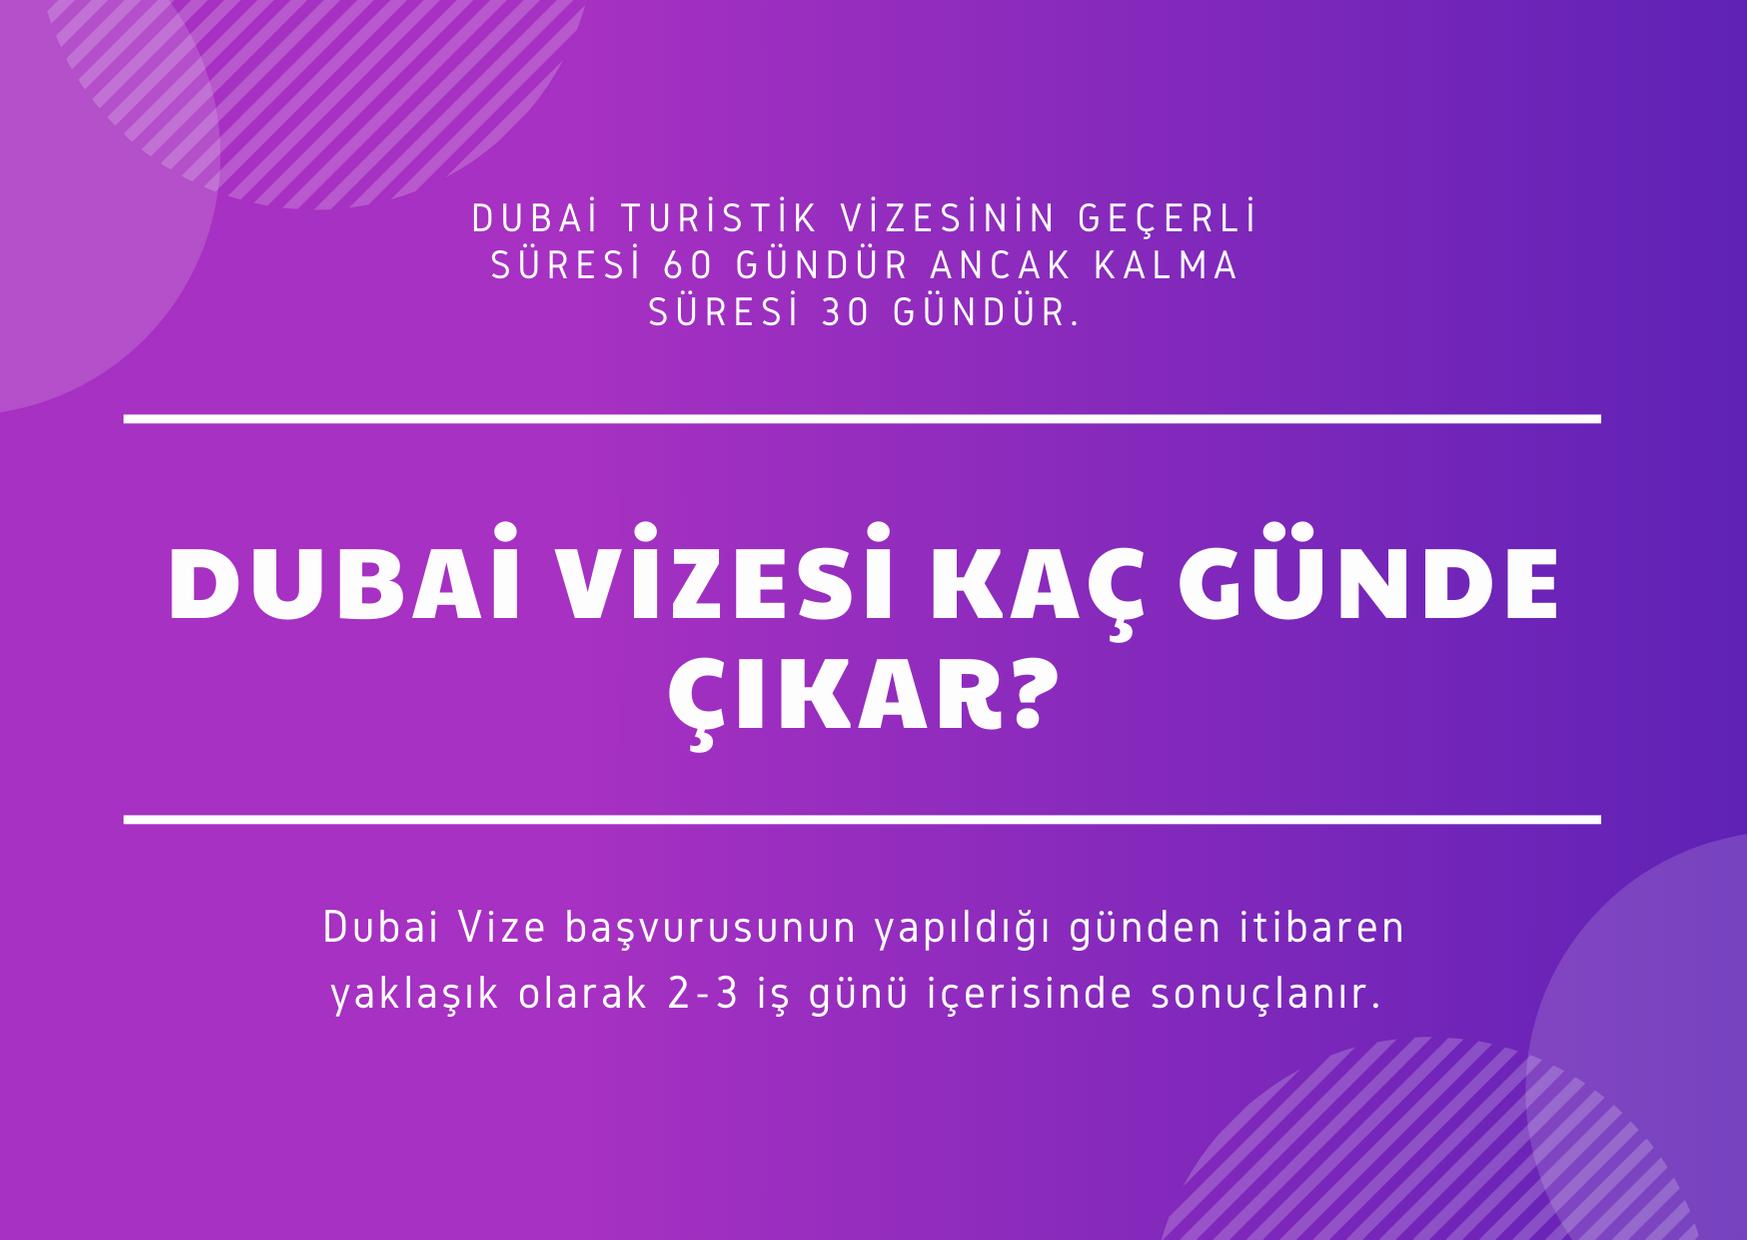 Dubai Vizesi Kaç Günde Çıkar?